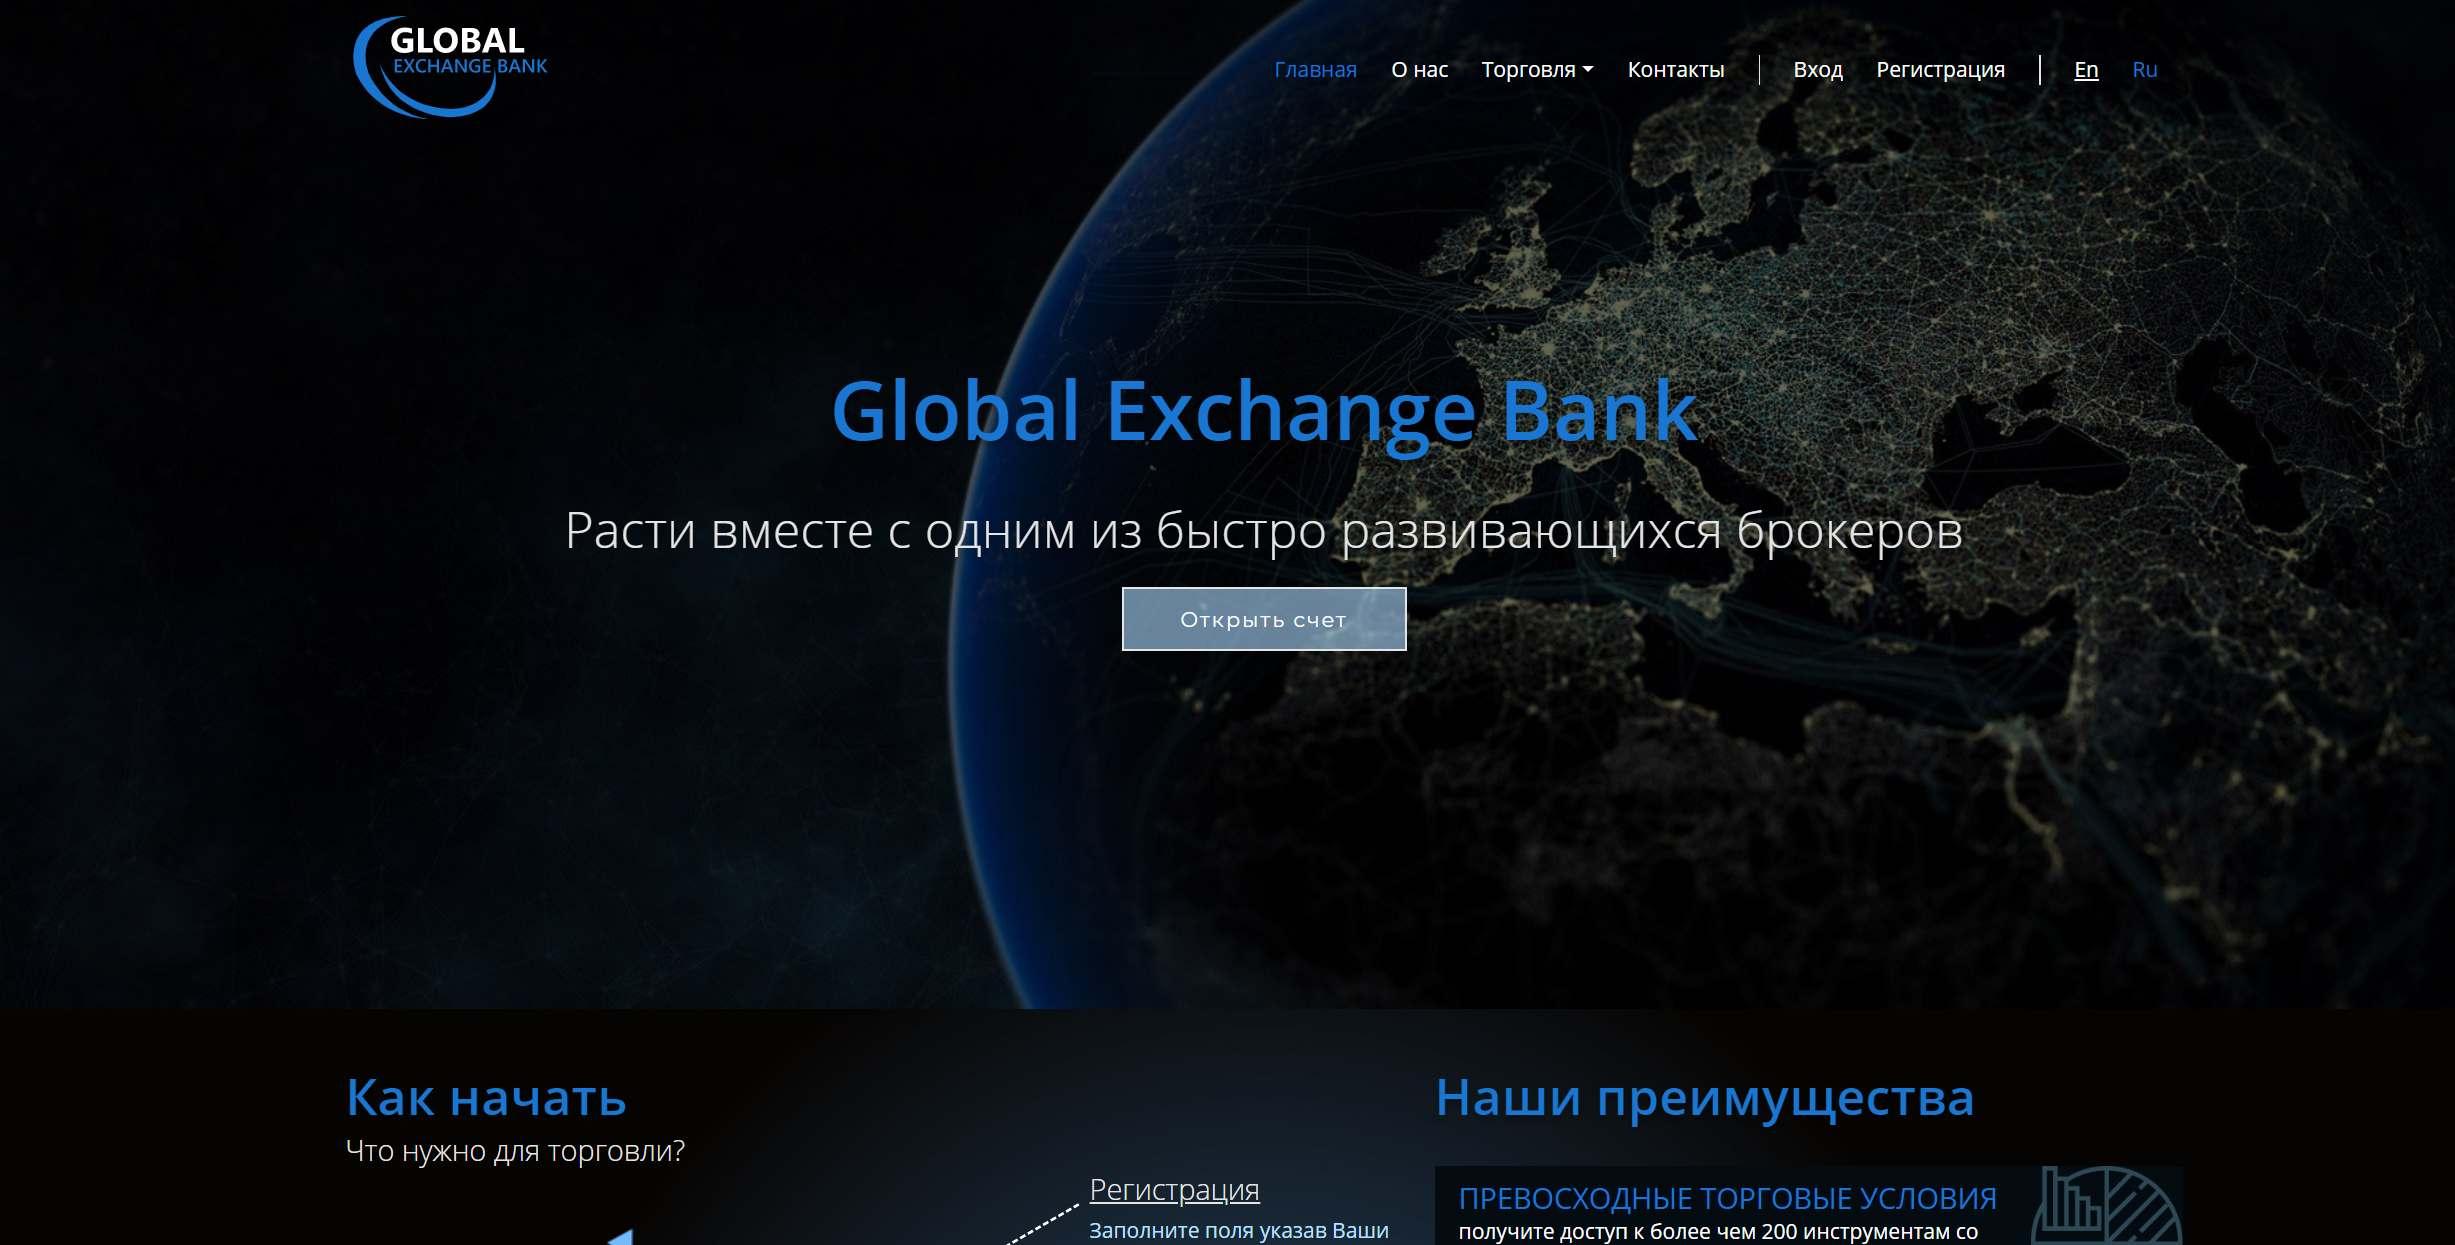 Обзор Global Exchange Bank. Отзывы и стоит ли доверять?